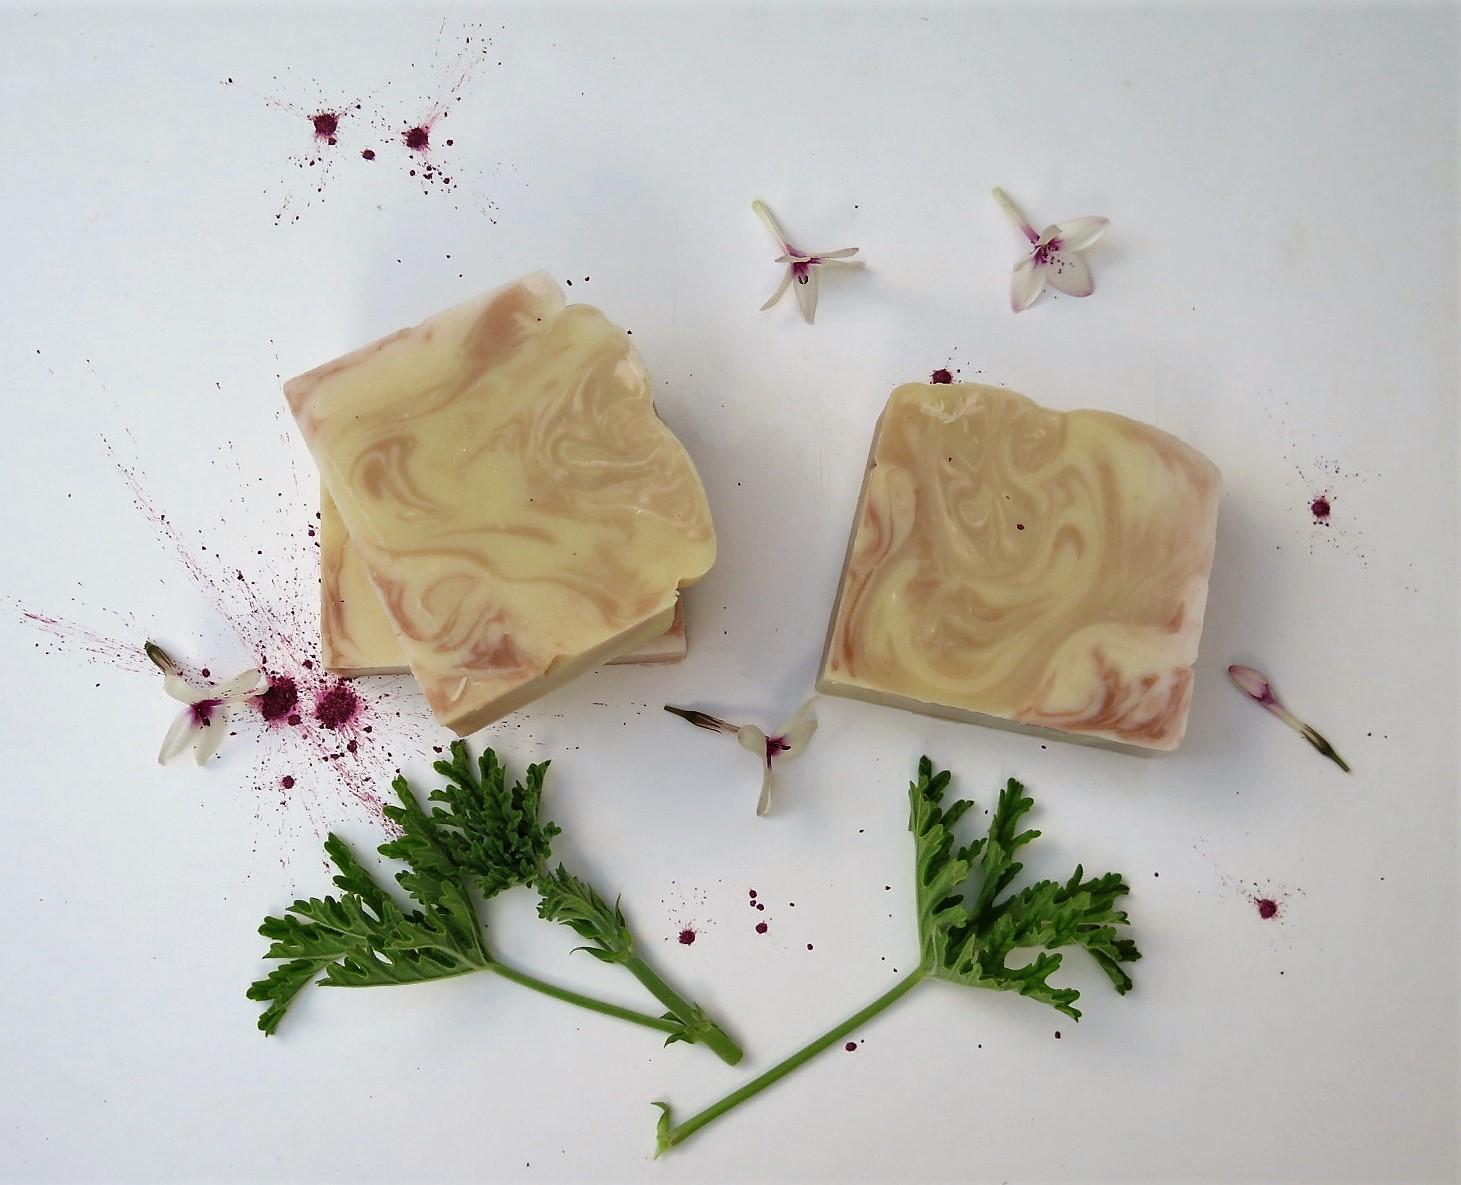 סבון גרניום וילנג ילנג